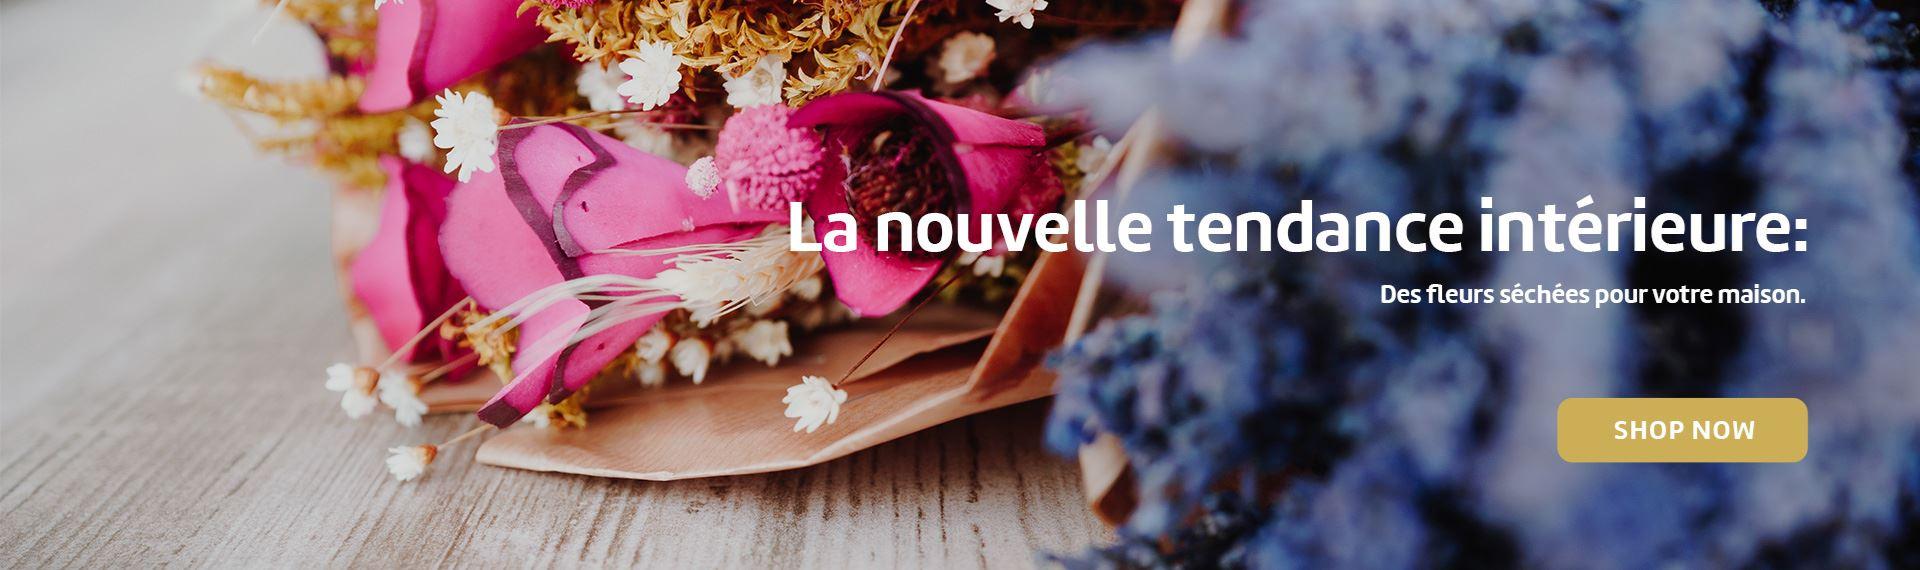 La nouvelle tendance intérieure: Des fleurs séchées pour votre maison.